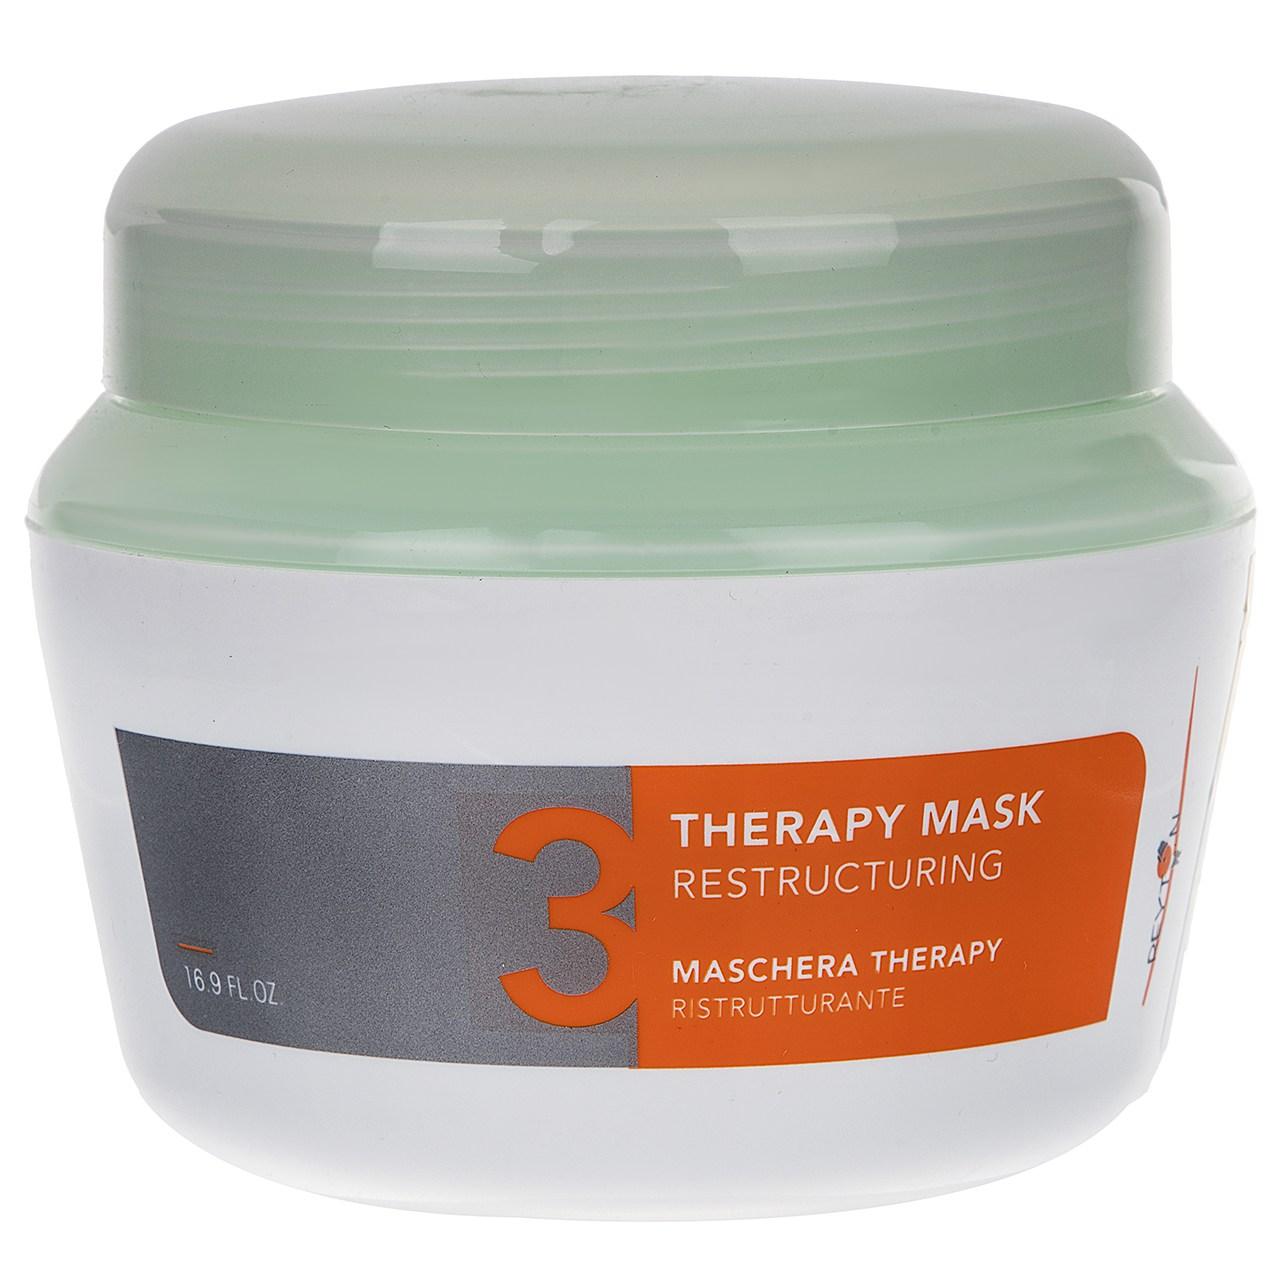 ماسک موی درمانی ریتون مدل Therapy حجم 500 میلی لیتر